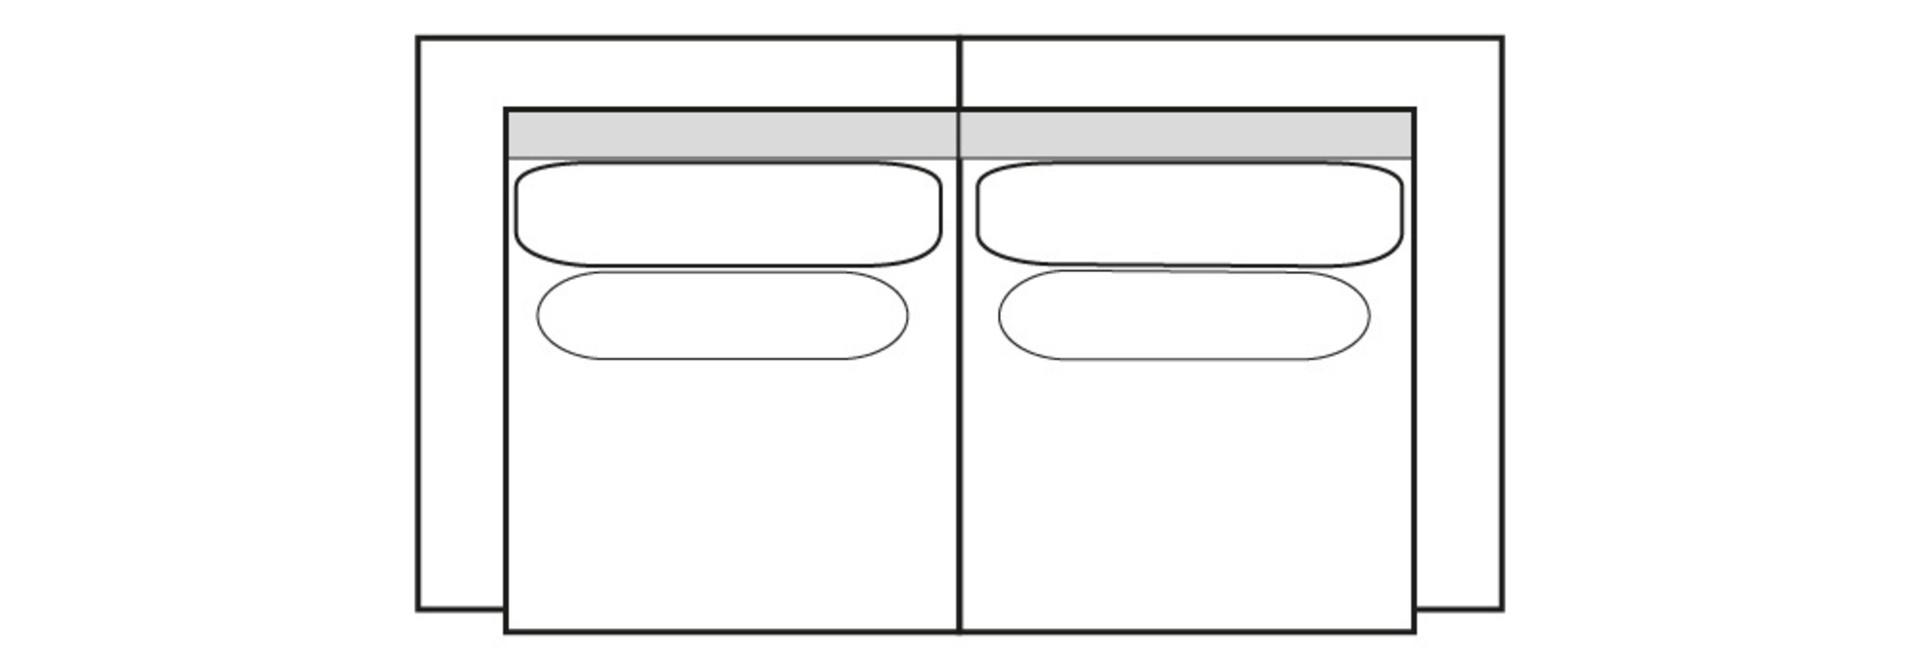 CLASSIC PARK 2-zits